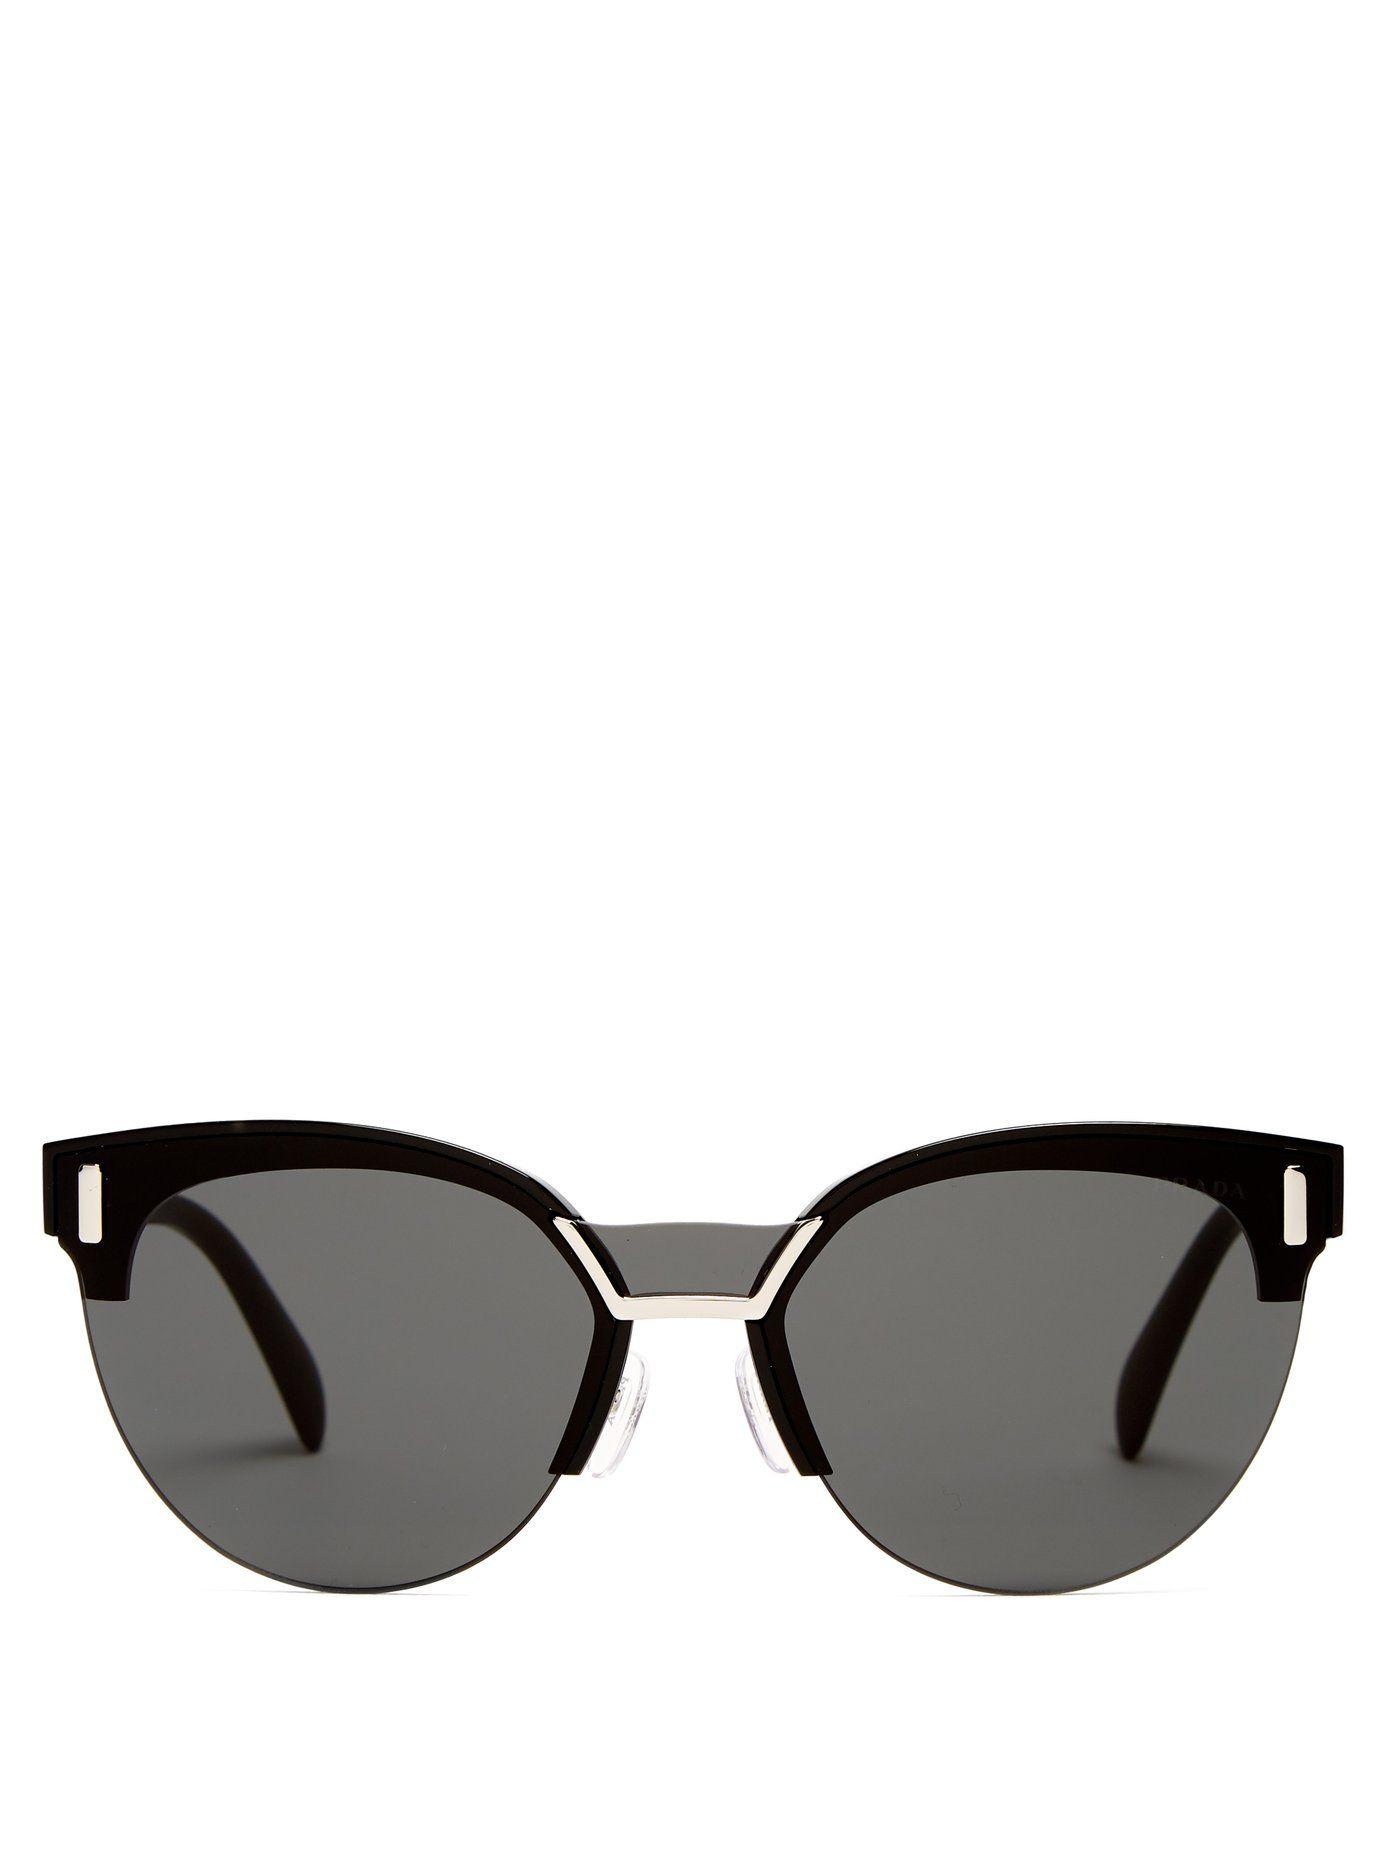 08175203d21 Prada Round-frame acetate sunglasses